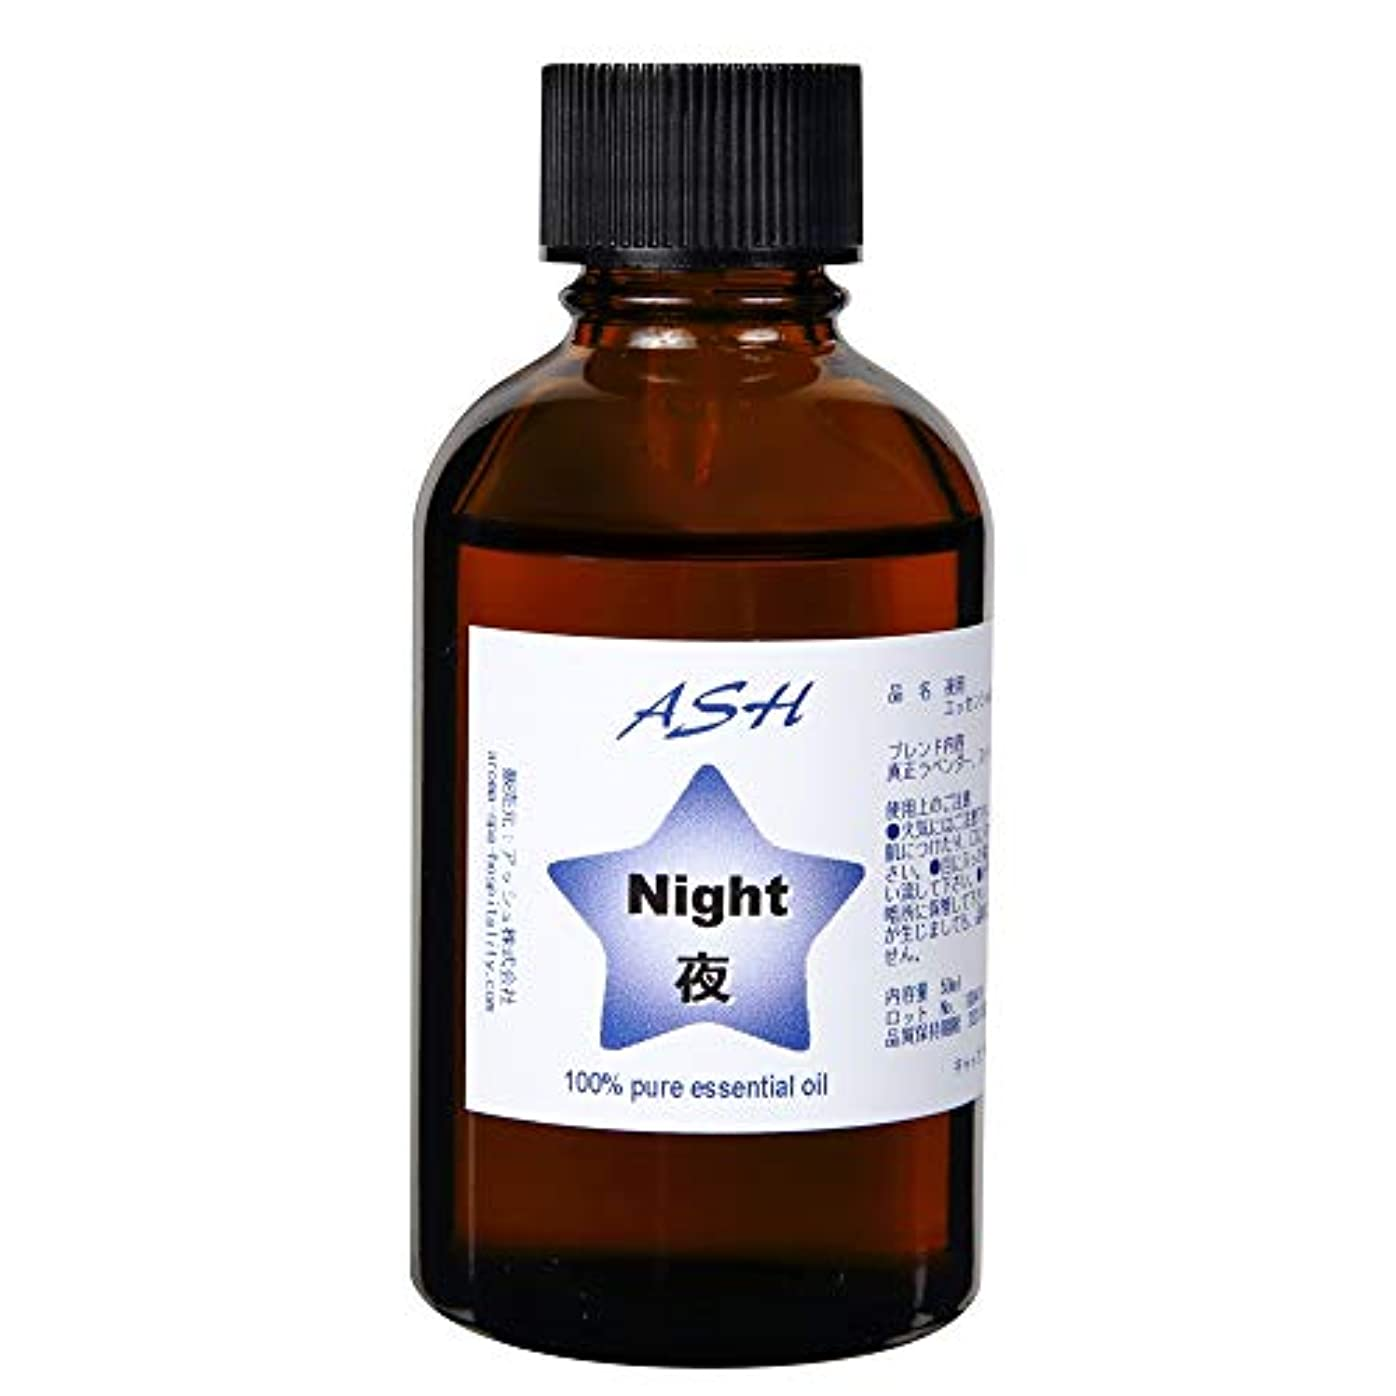 構想する蚊中止しますASH Night(夜用)エッセンシャルオイルブレンド50ml【ラベンダー+オレンジ】